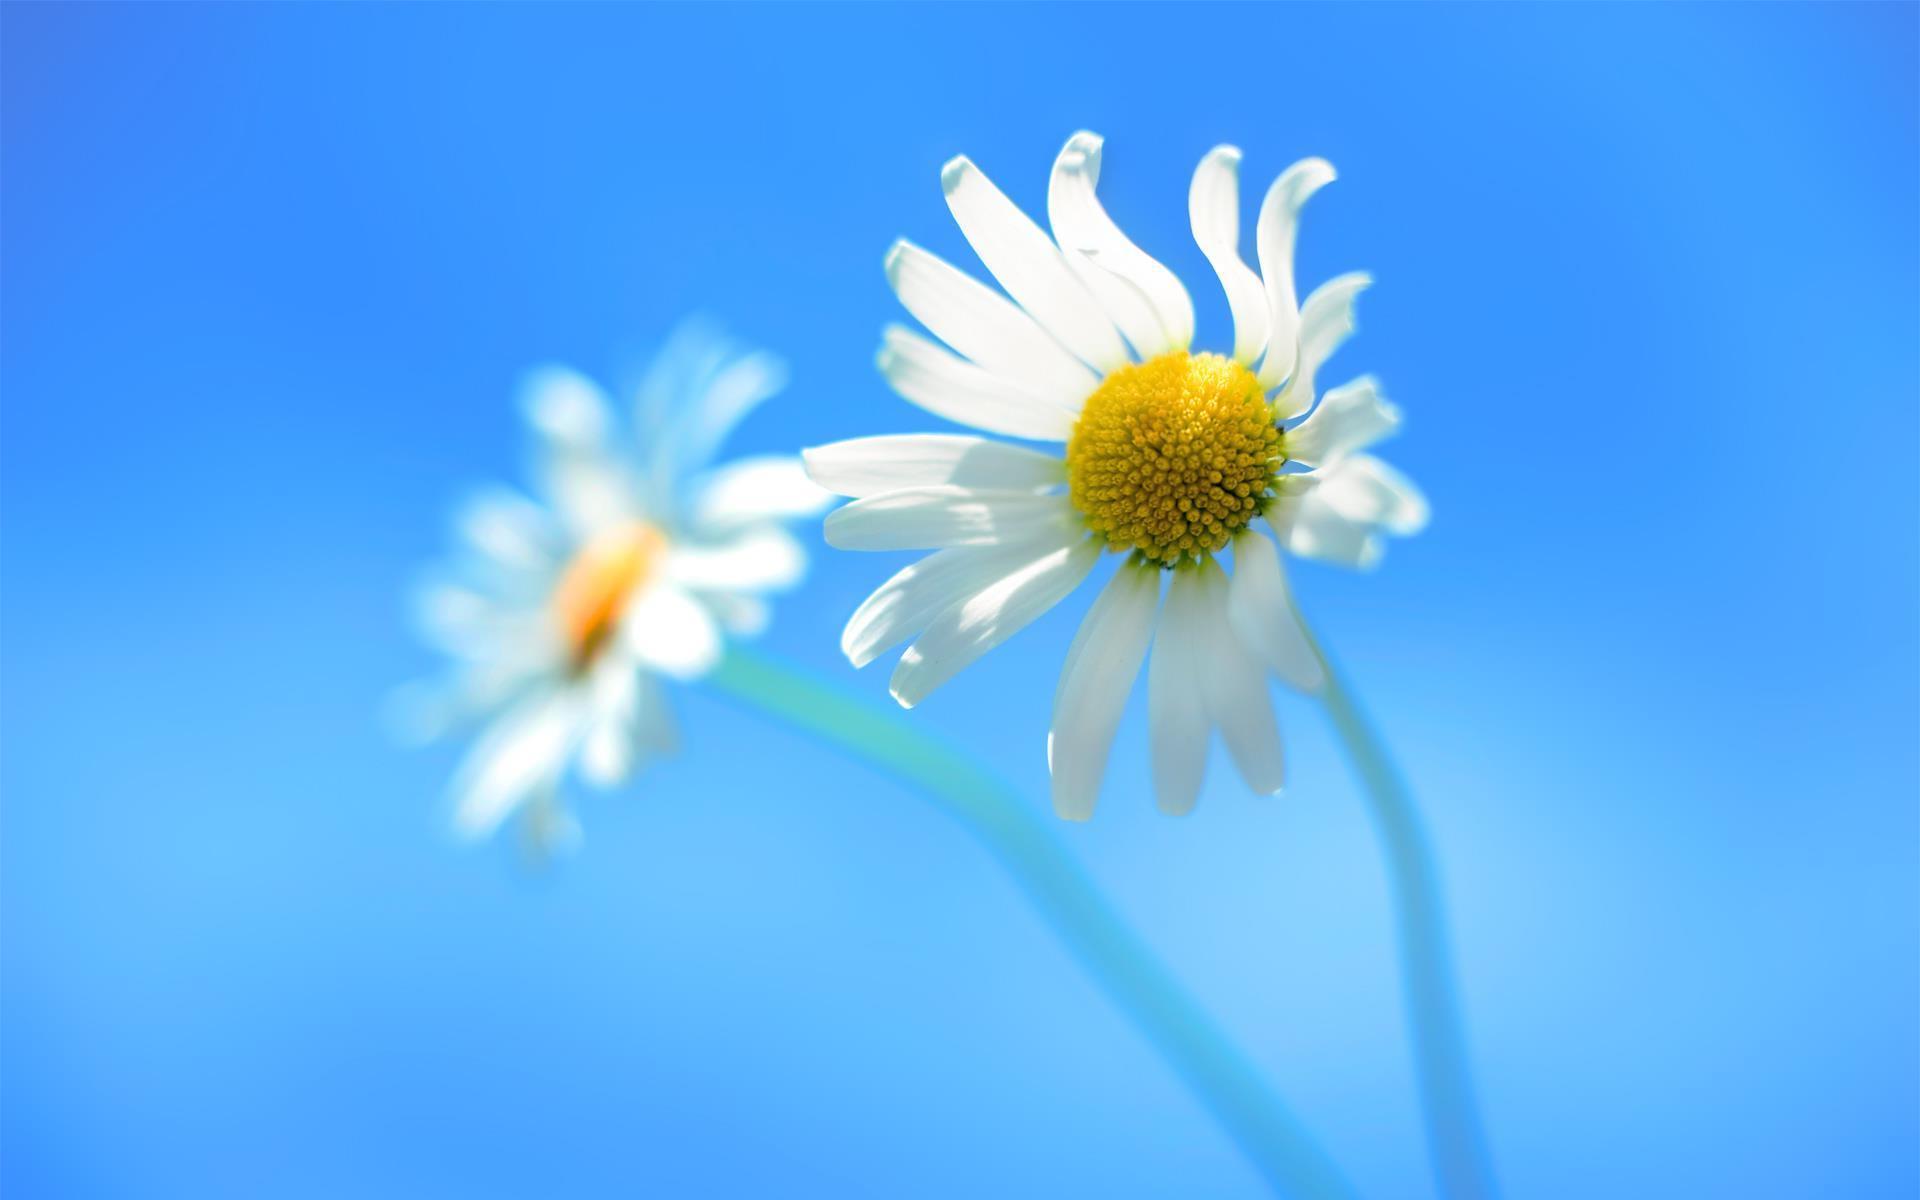 Ảnh hoa cúc màu trắng